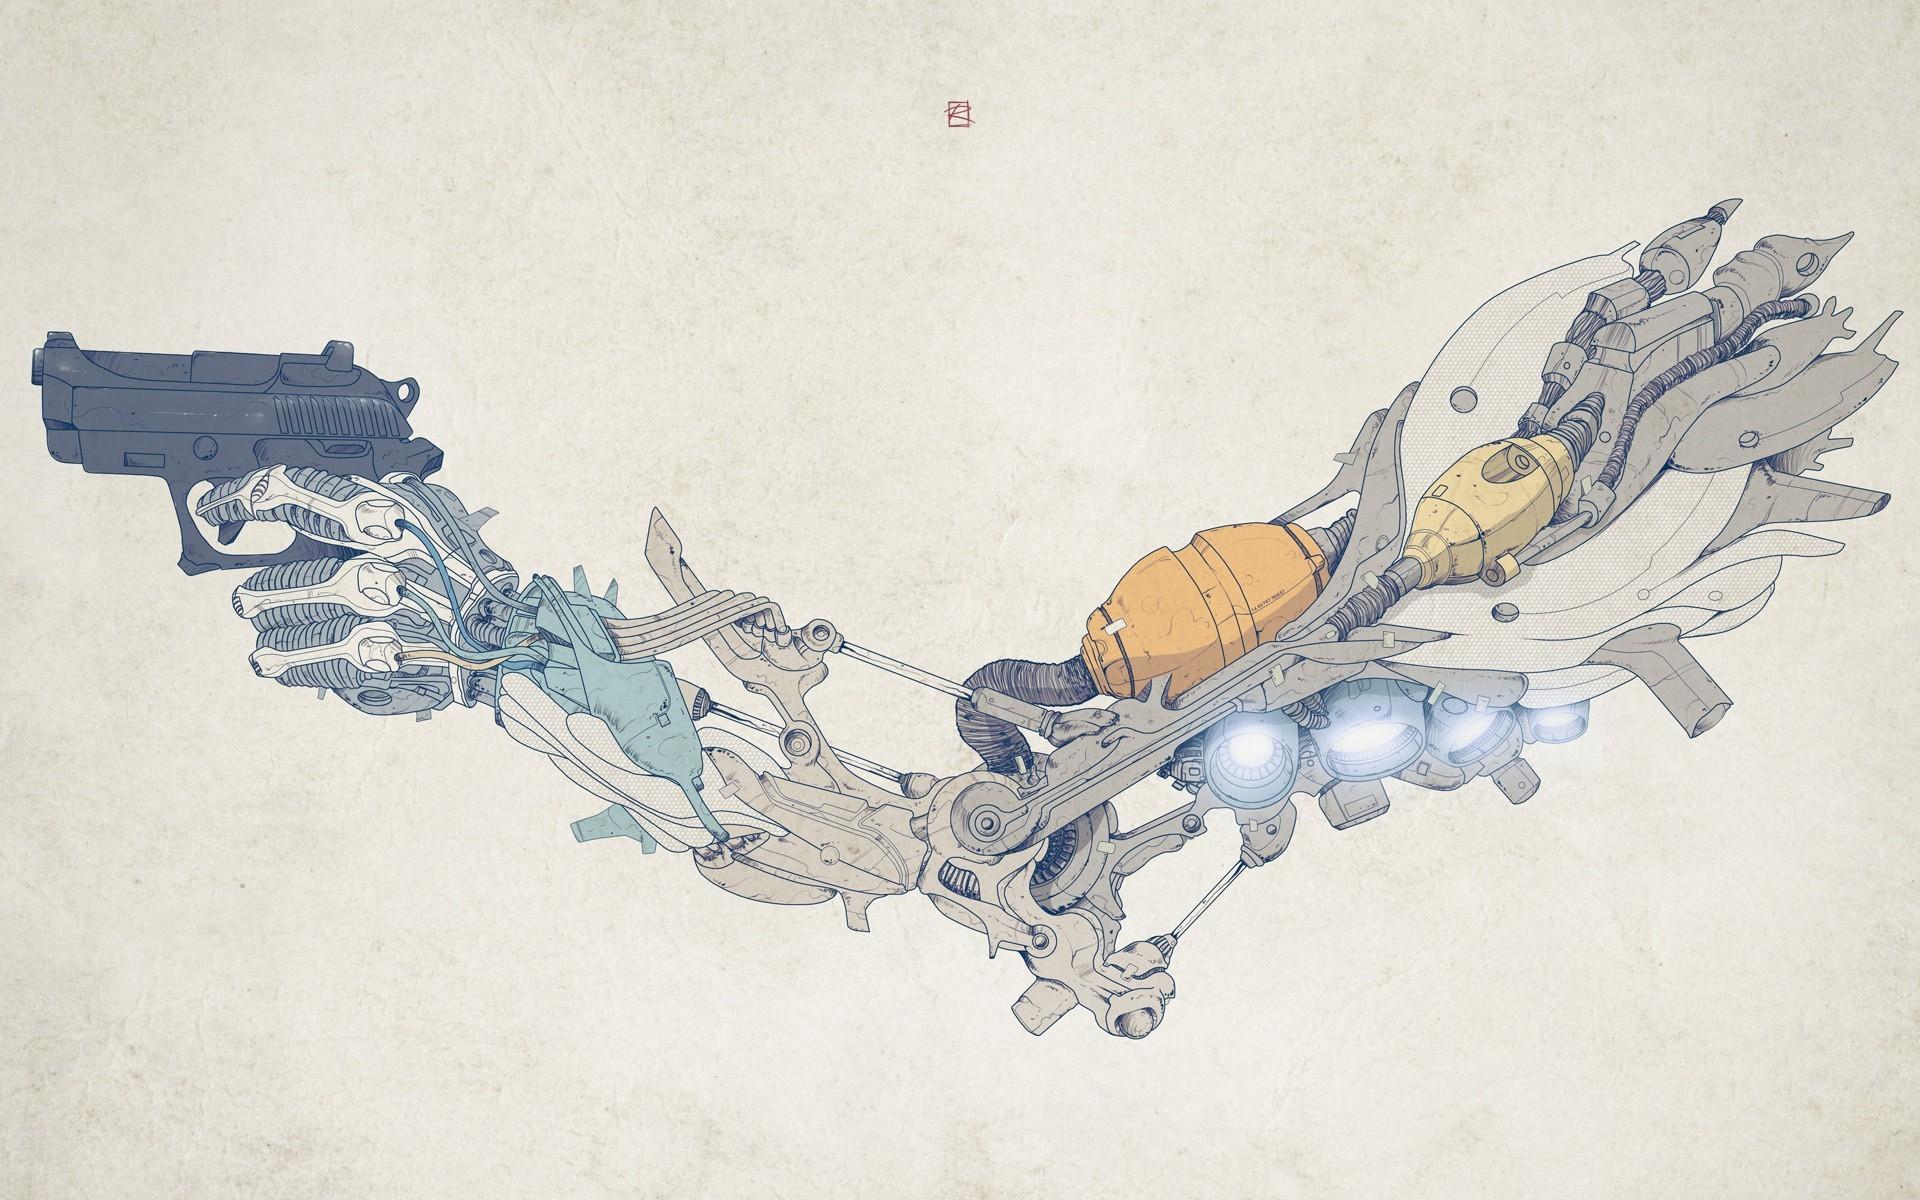 Wallpaper Gambar Ilustrasi Senjata Robot Karya Seni